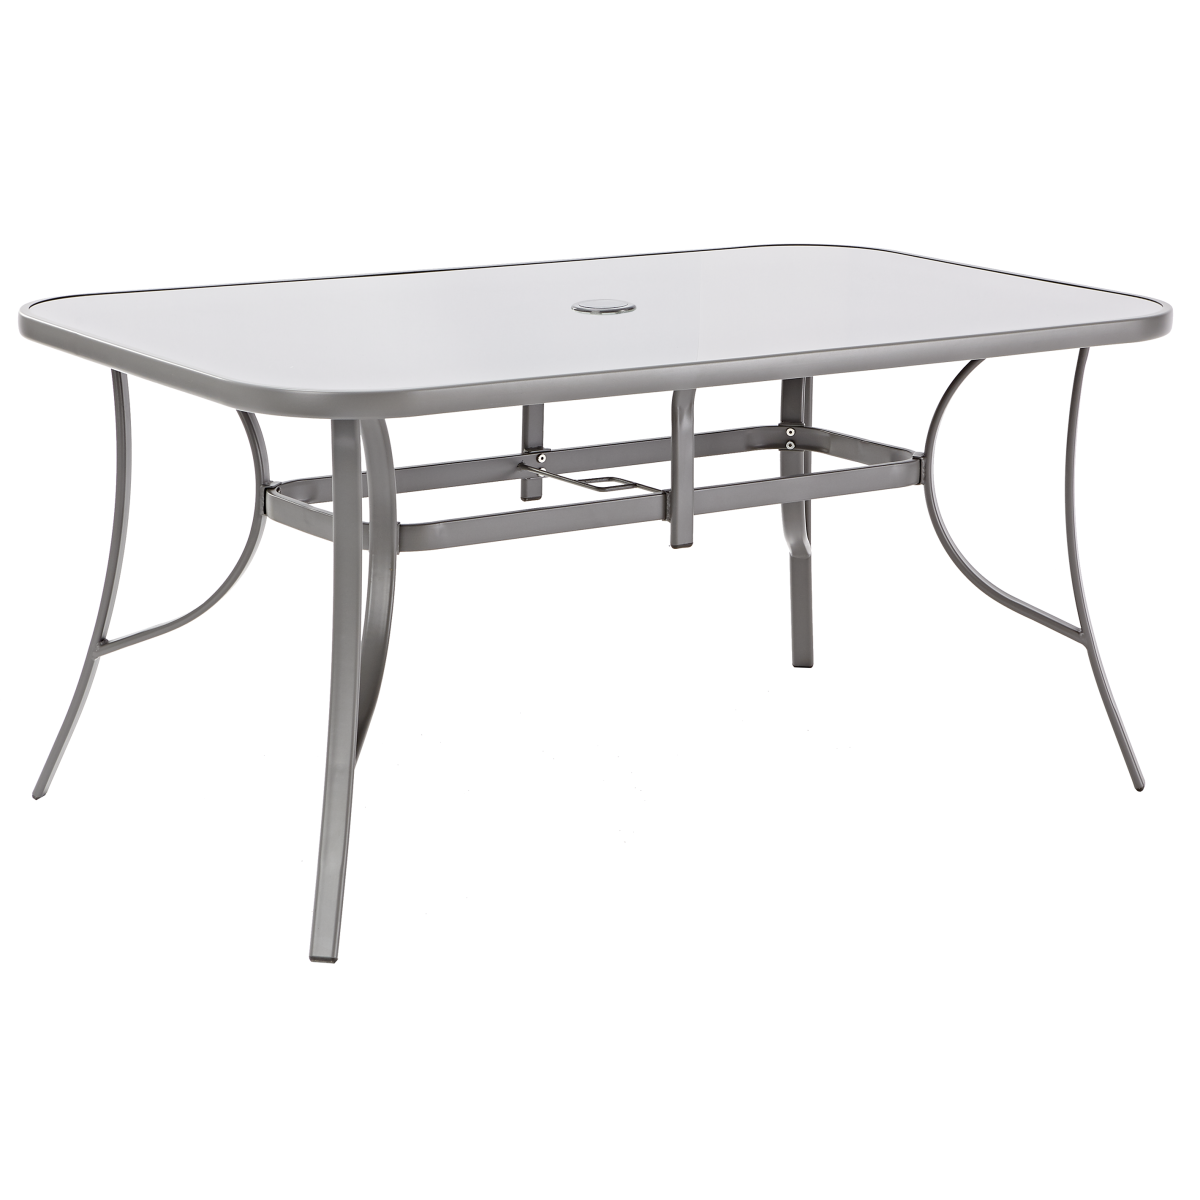 Стол садовый Alma 160x90х70 см сталь/стекло серый